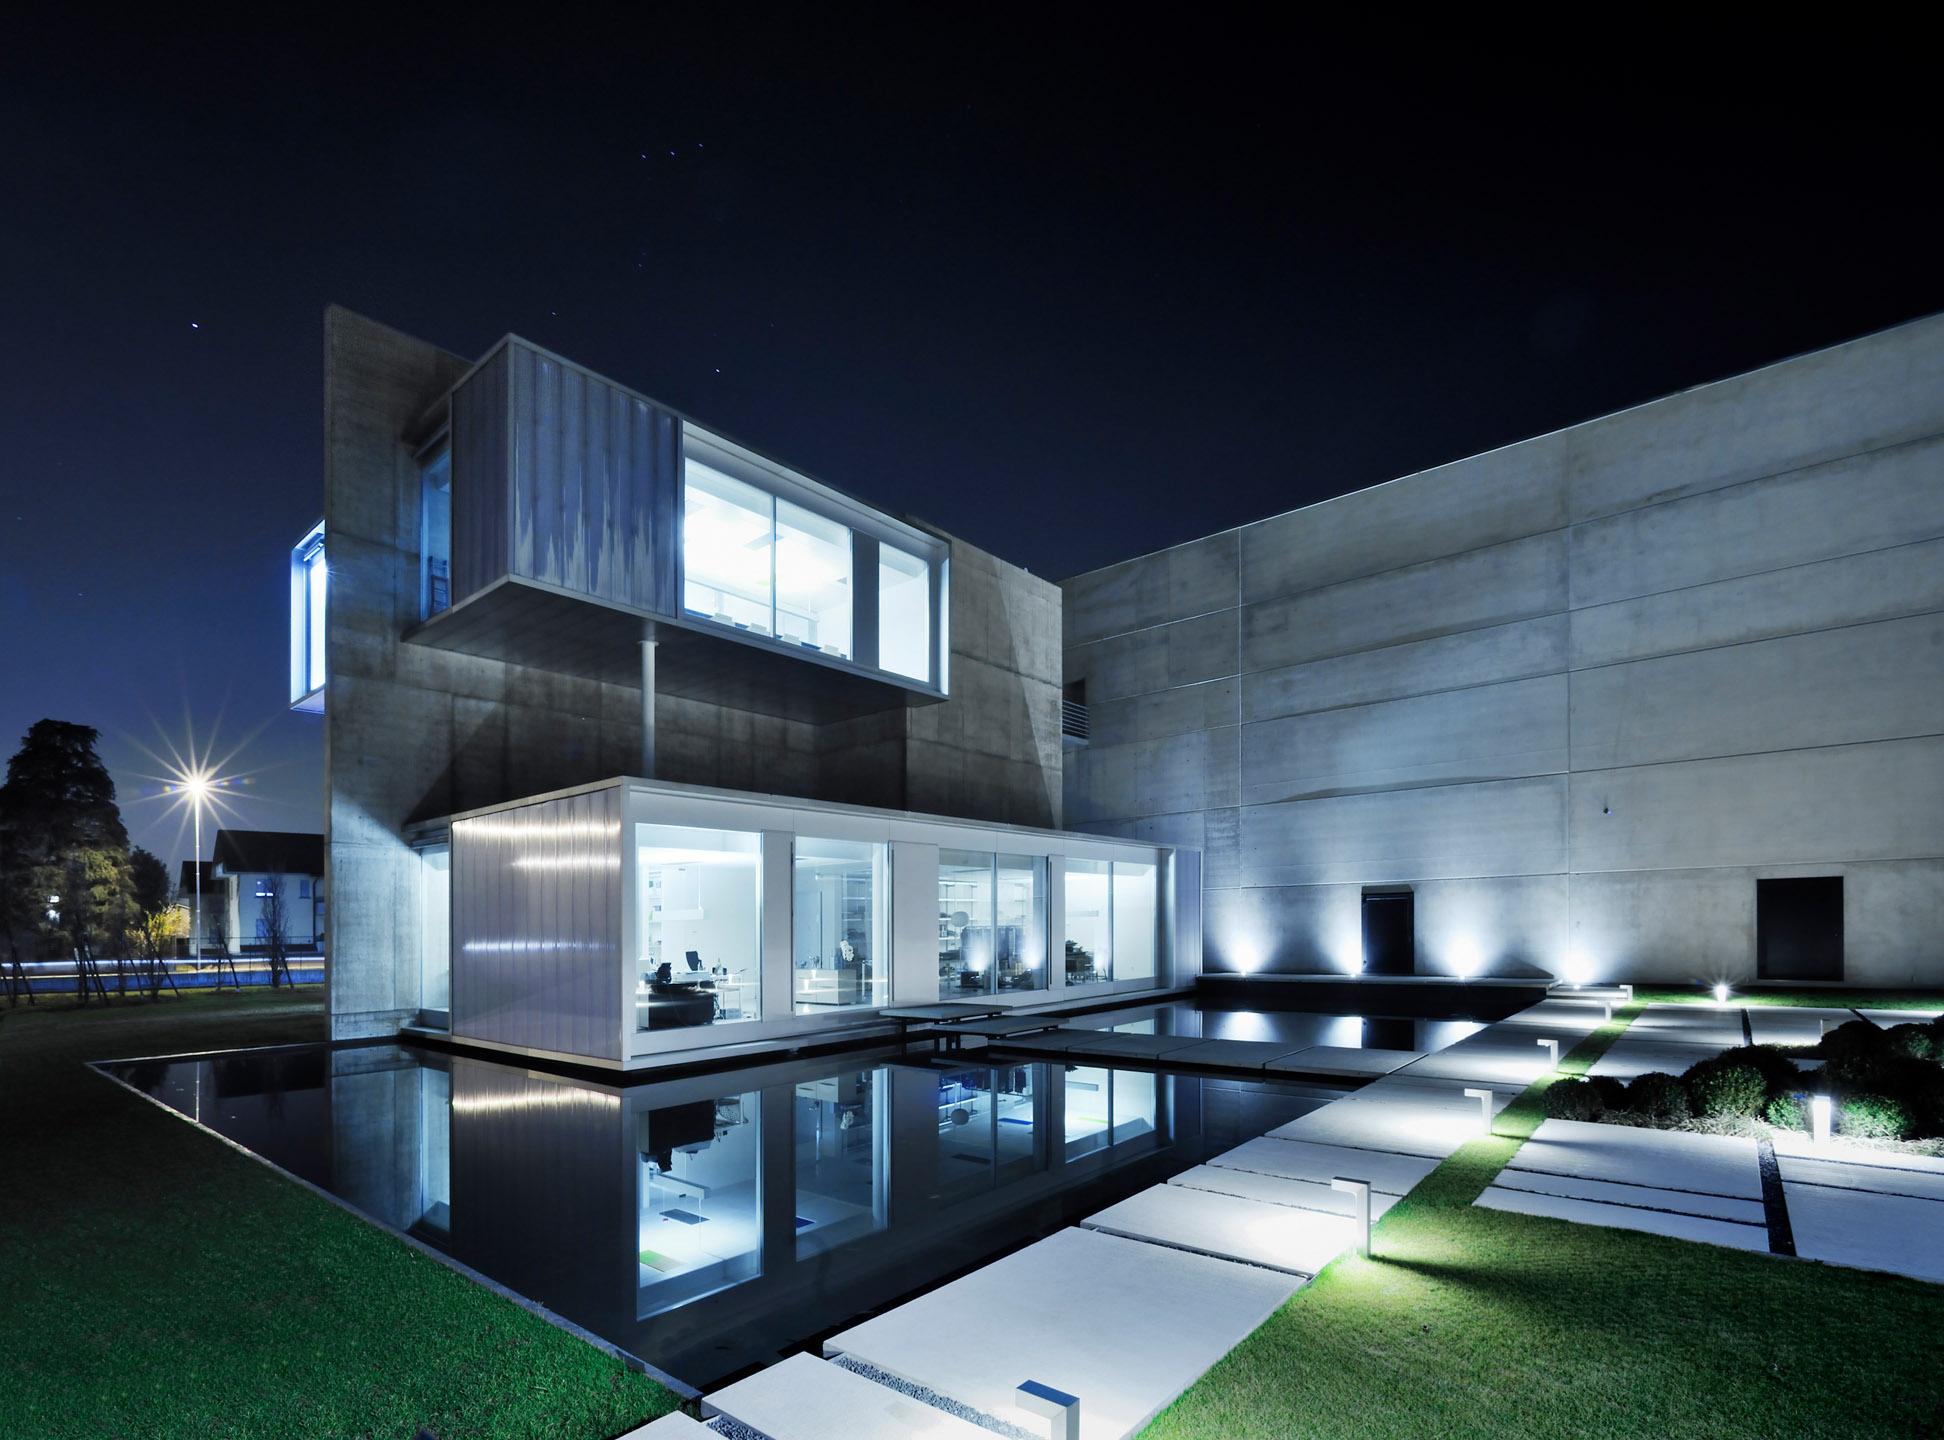 Architectur01